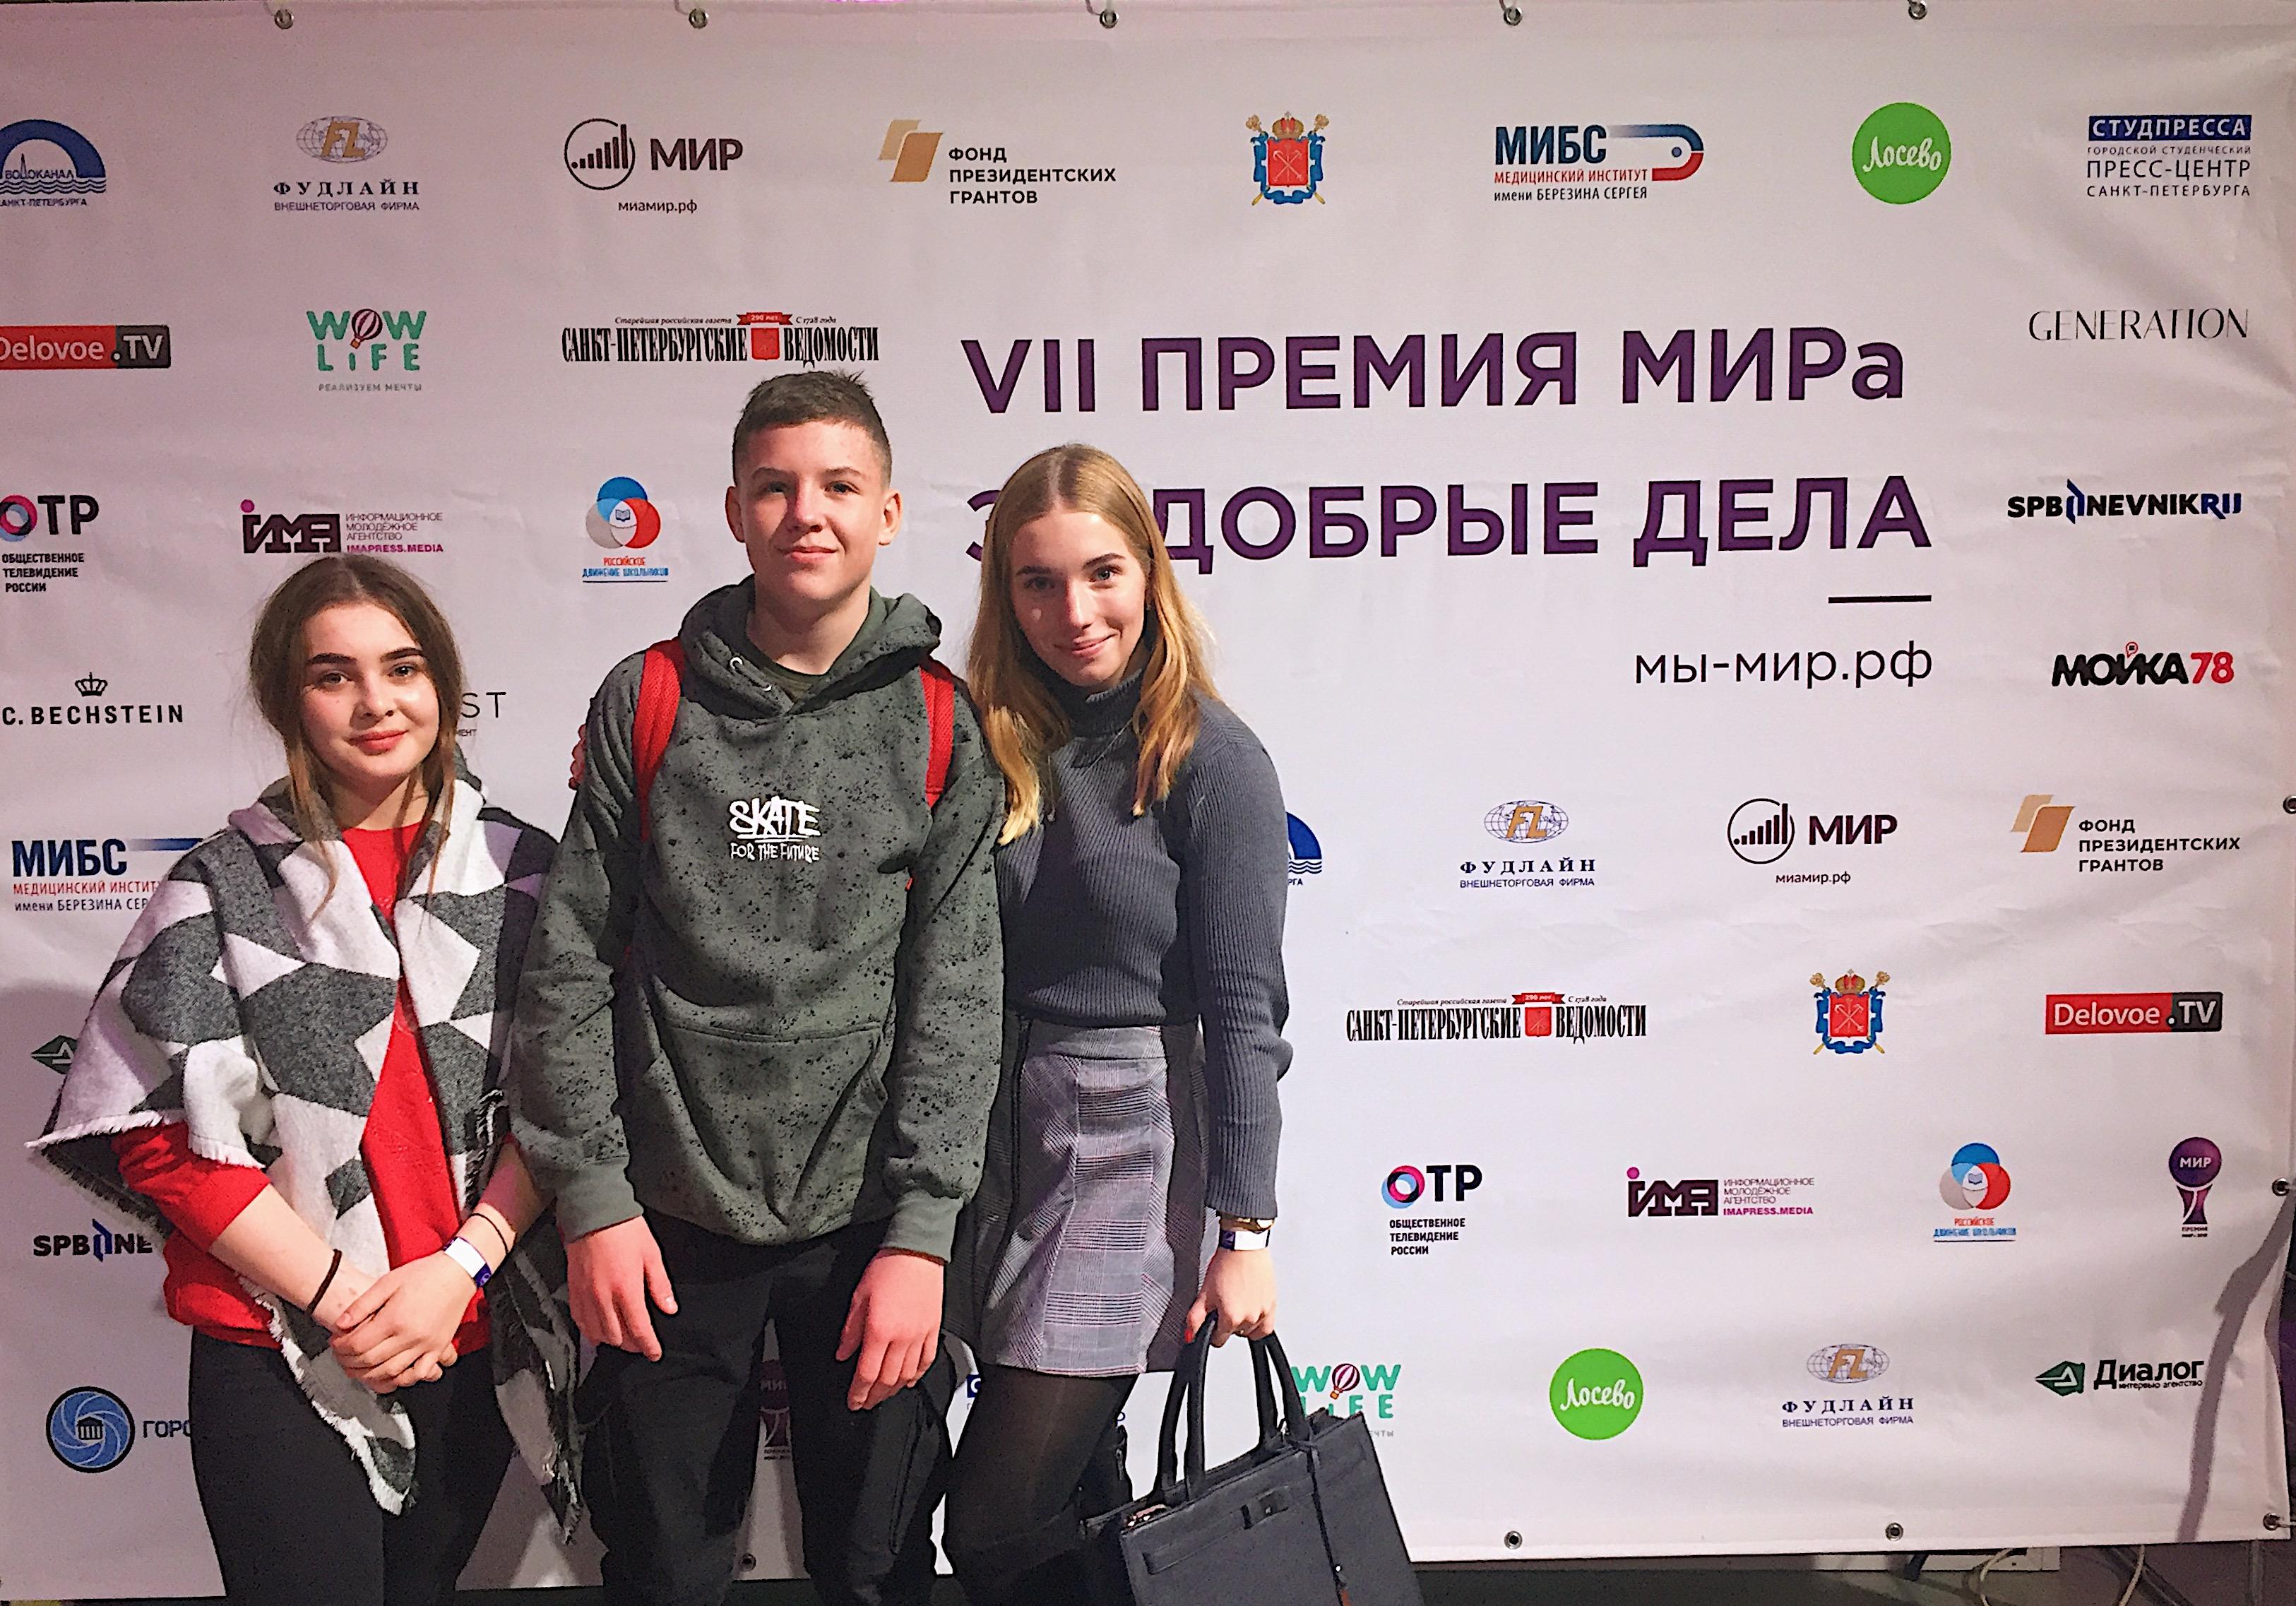 ... церемонию вручения Премии МИРа за добрые дела жителям России,  организатором которой является Общероссийская молодежная общественная  организация «МИР». 2ddd3f4bd3e